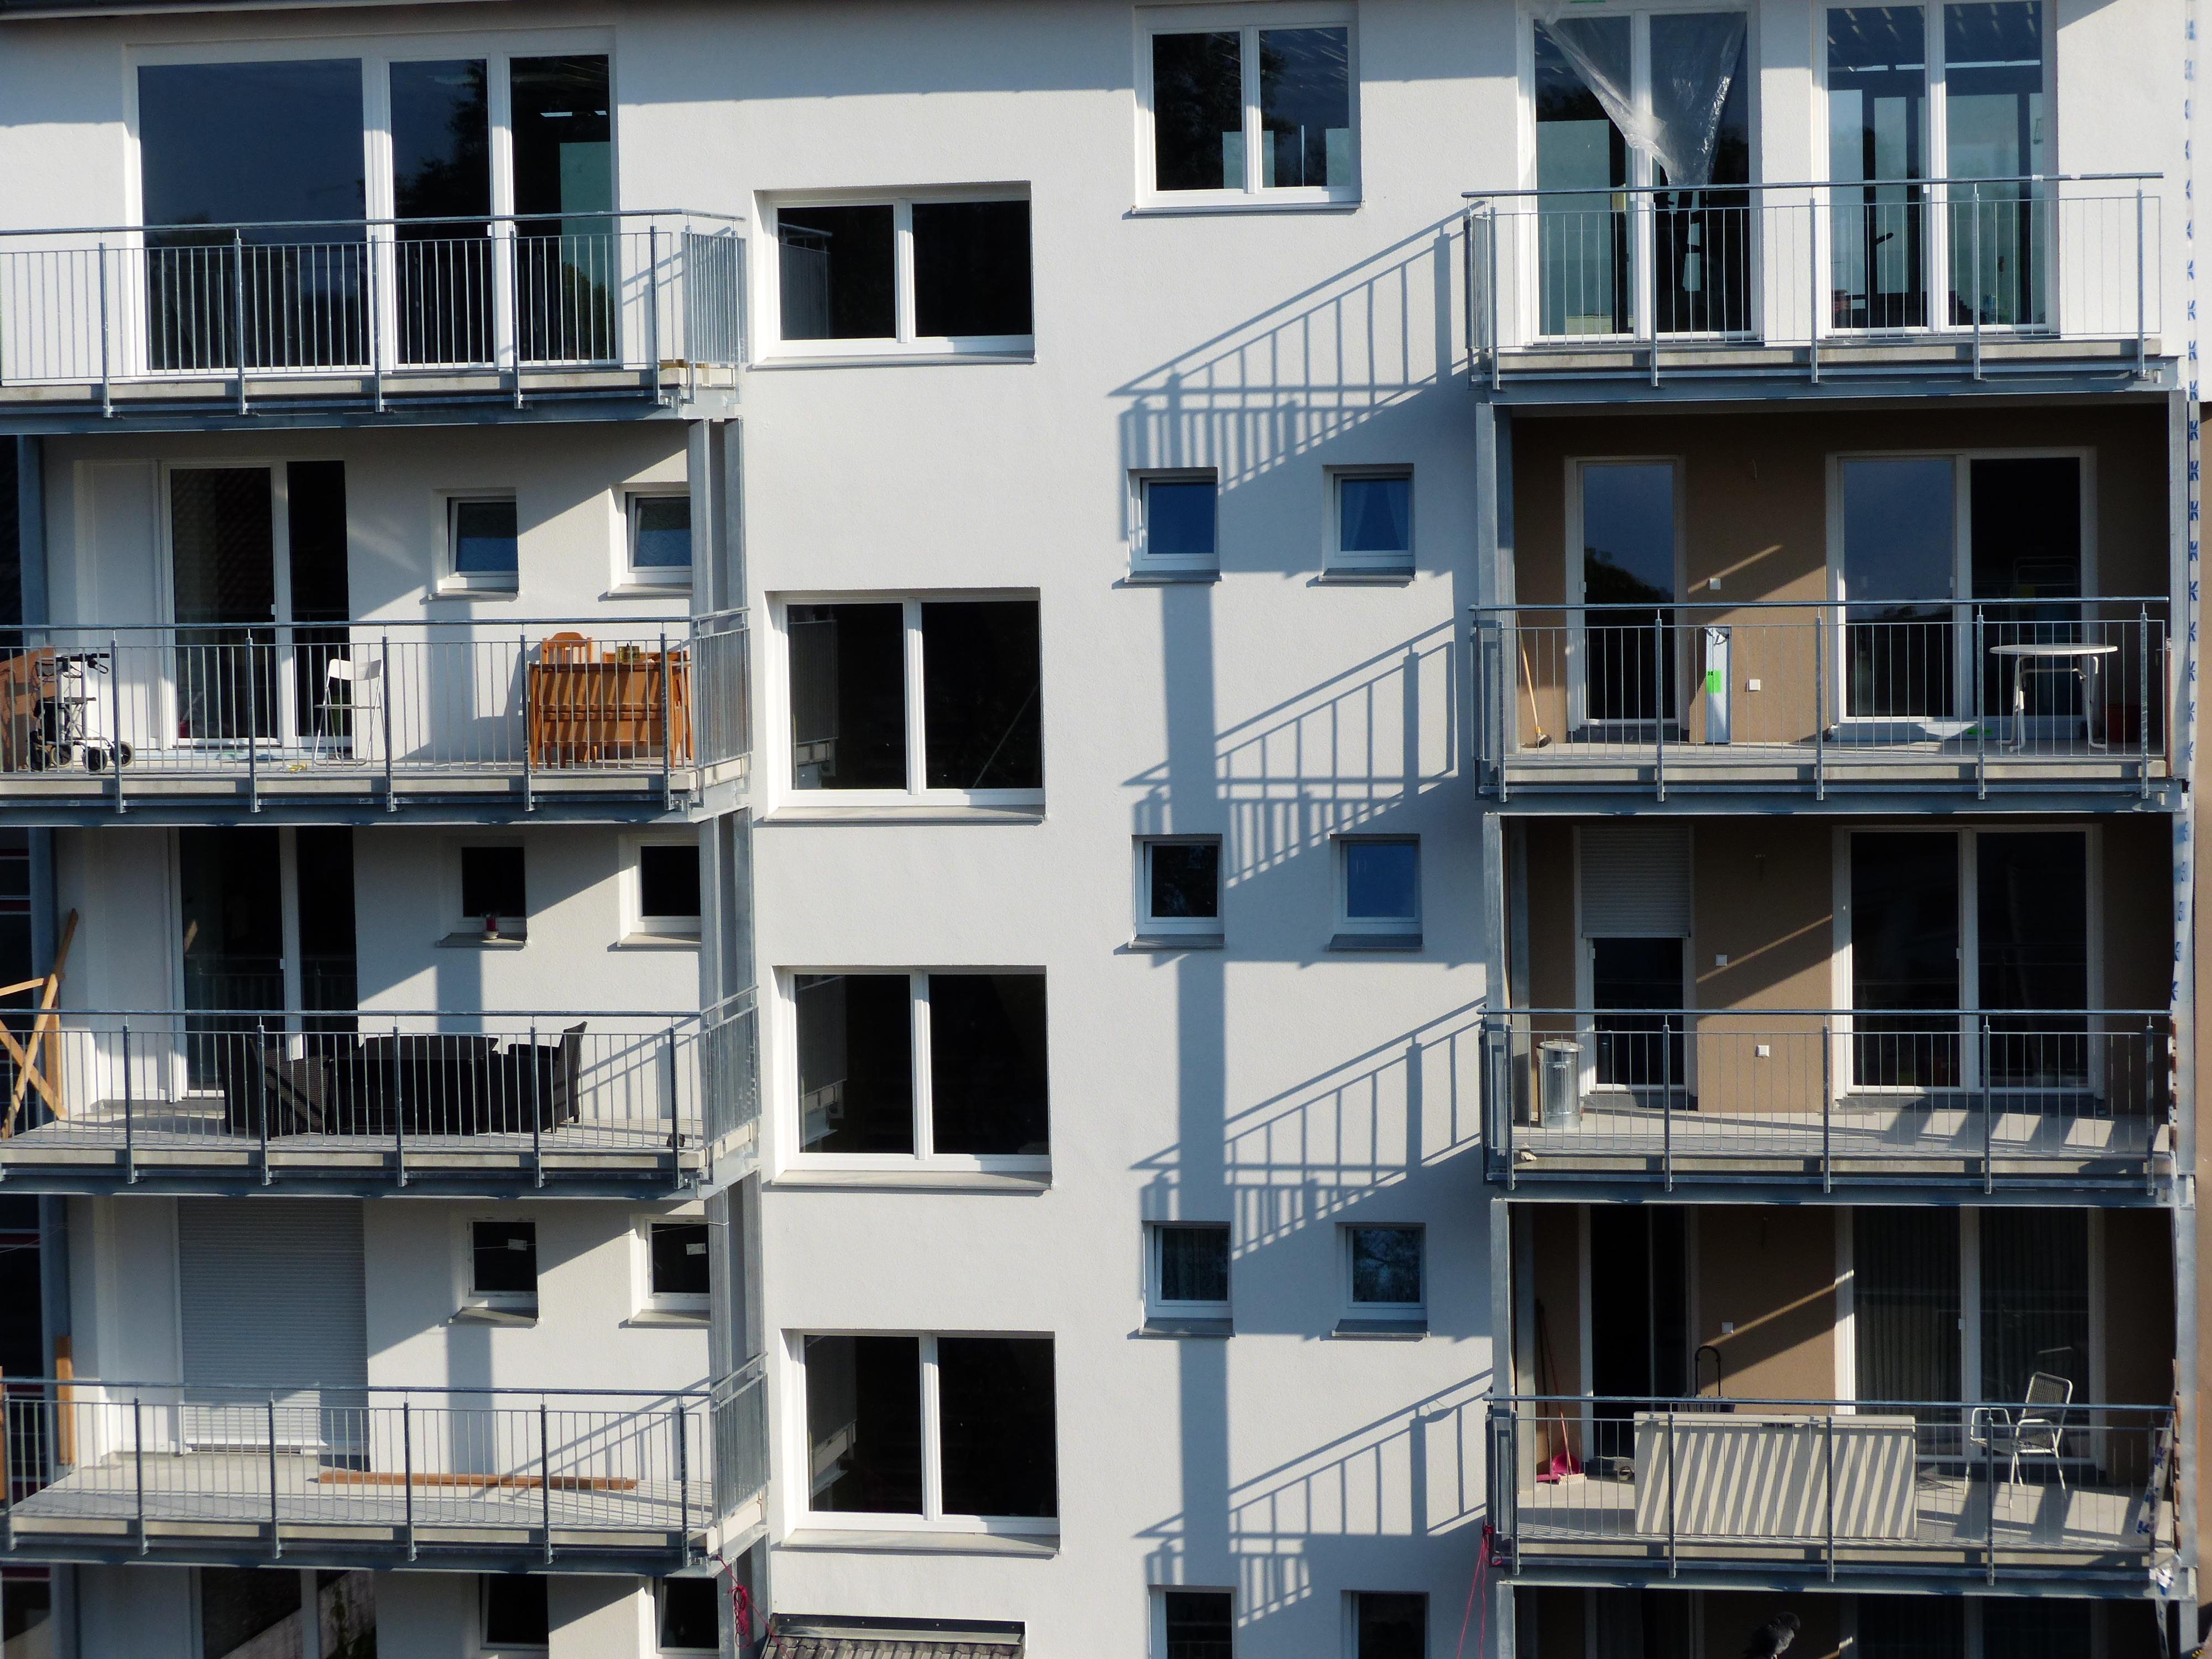 무료 이미지 빛 건축물 맨션 집 창문 건물 발코니 정면 거주 재산 탑 블록 디자인